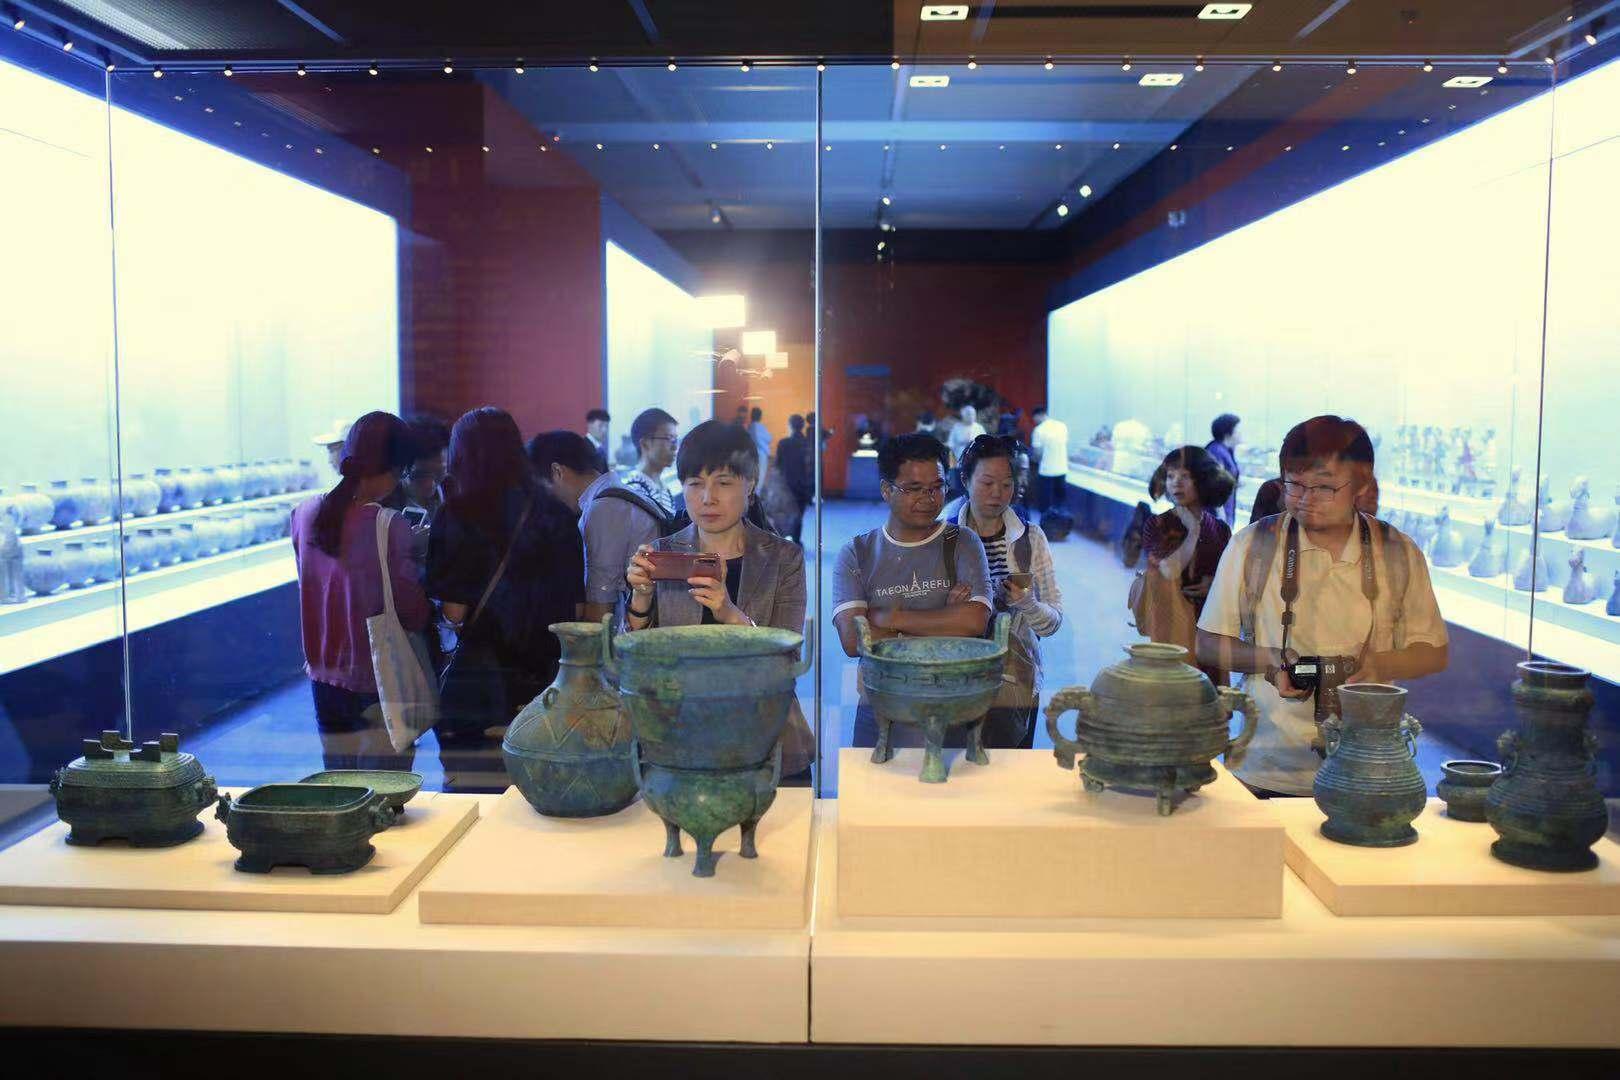 今年8月从日本归国的曾伯克父青铜组器首次亮相此次展览,这是我国从国外拍卖市场抢救回的又一组重要流失文物。摄影/新京报记者 浦峰